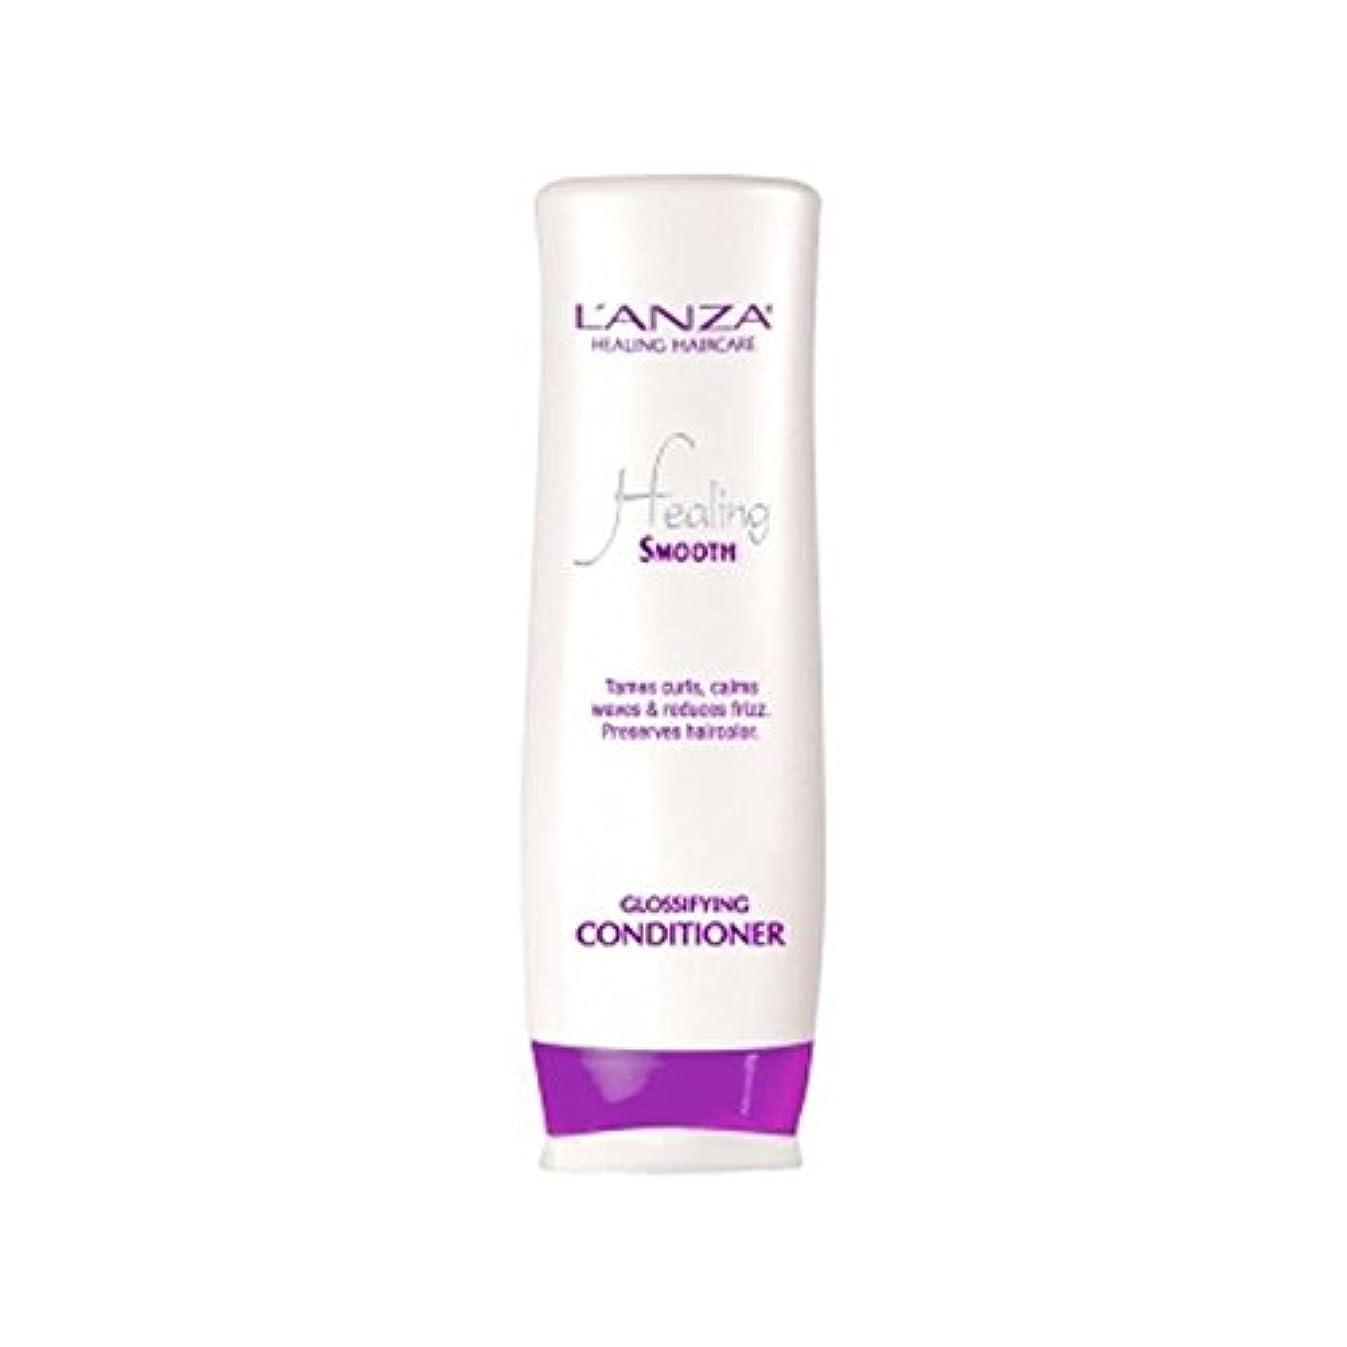 カポックと闘う神秘L'Anza Healing Smooth Glossifying Conditioner (250ml) (Pack of 6) - スムーズなコンディショナーを癒し'アンザ(250ミリリットル) x6 [並行輸入品]